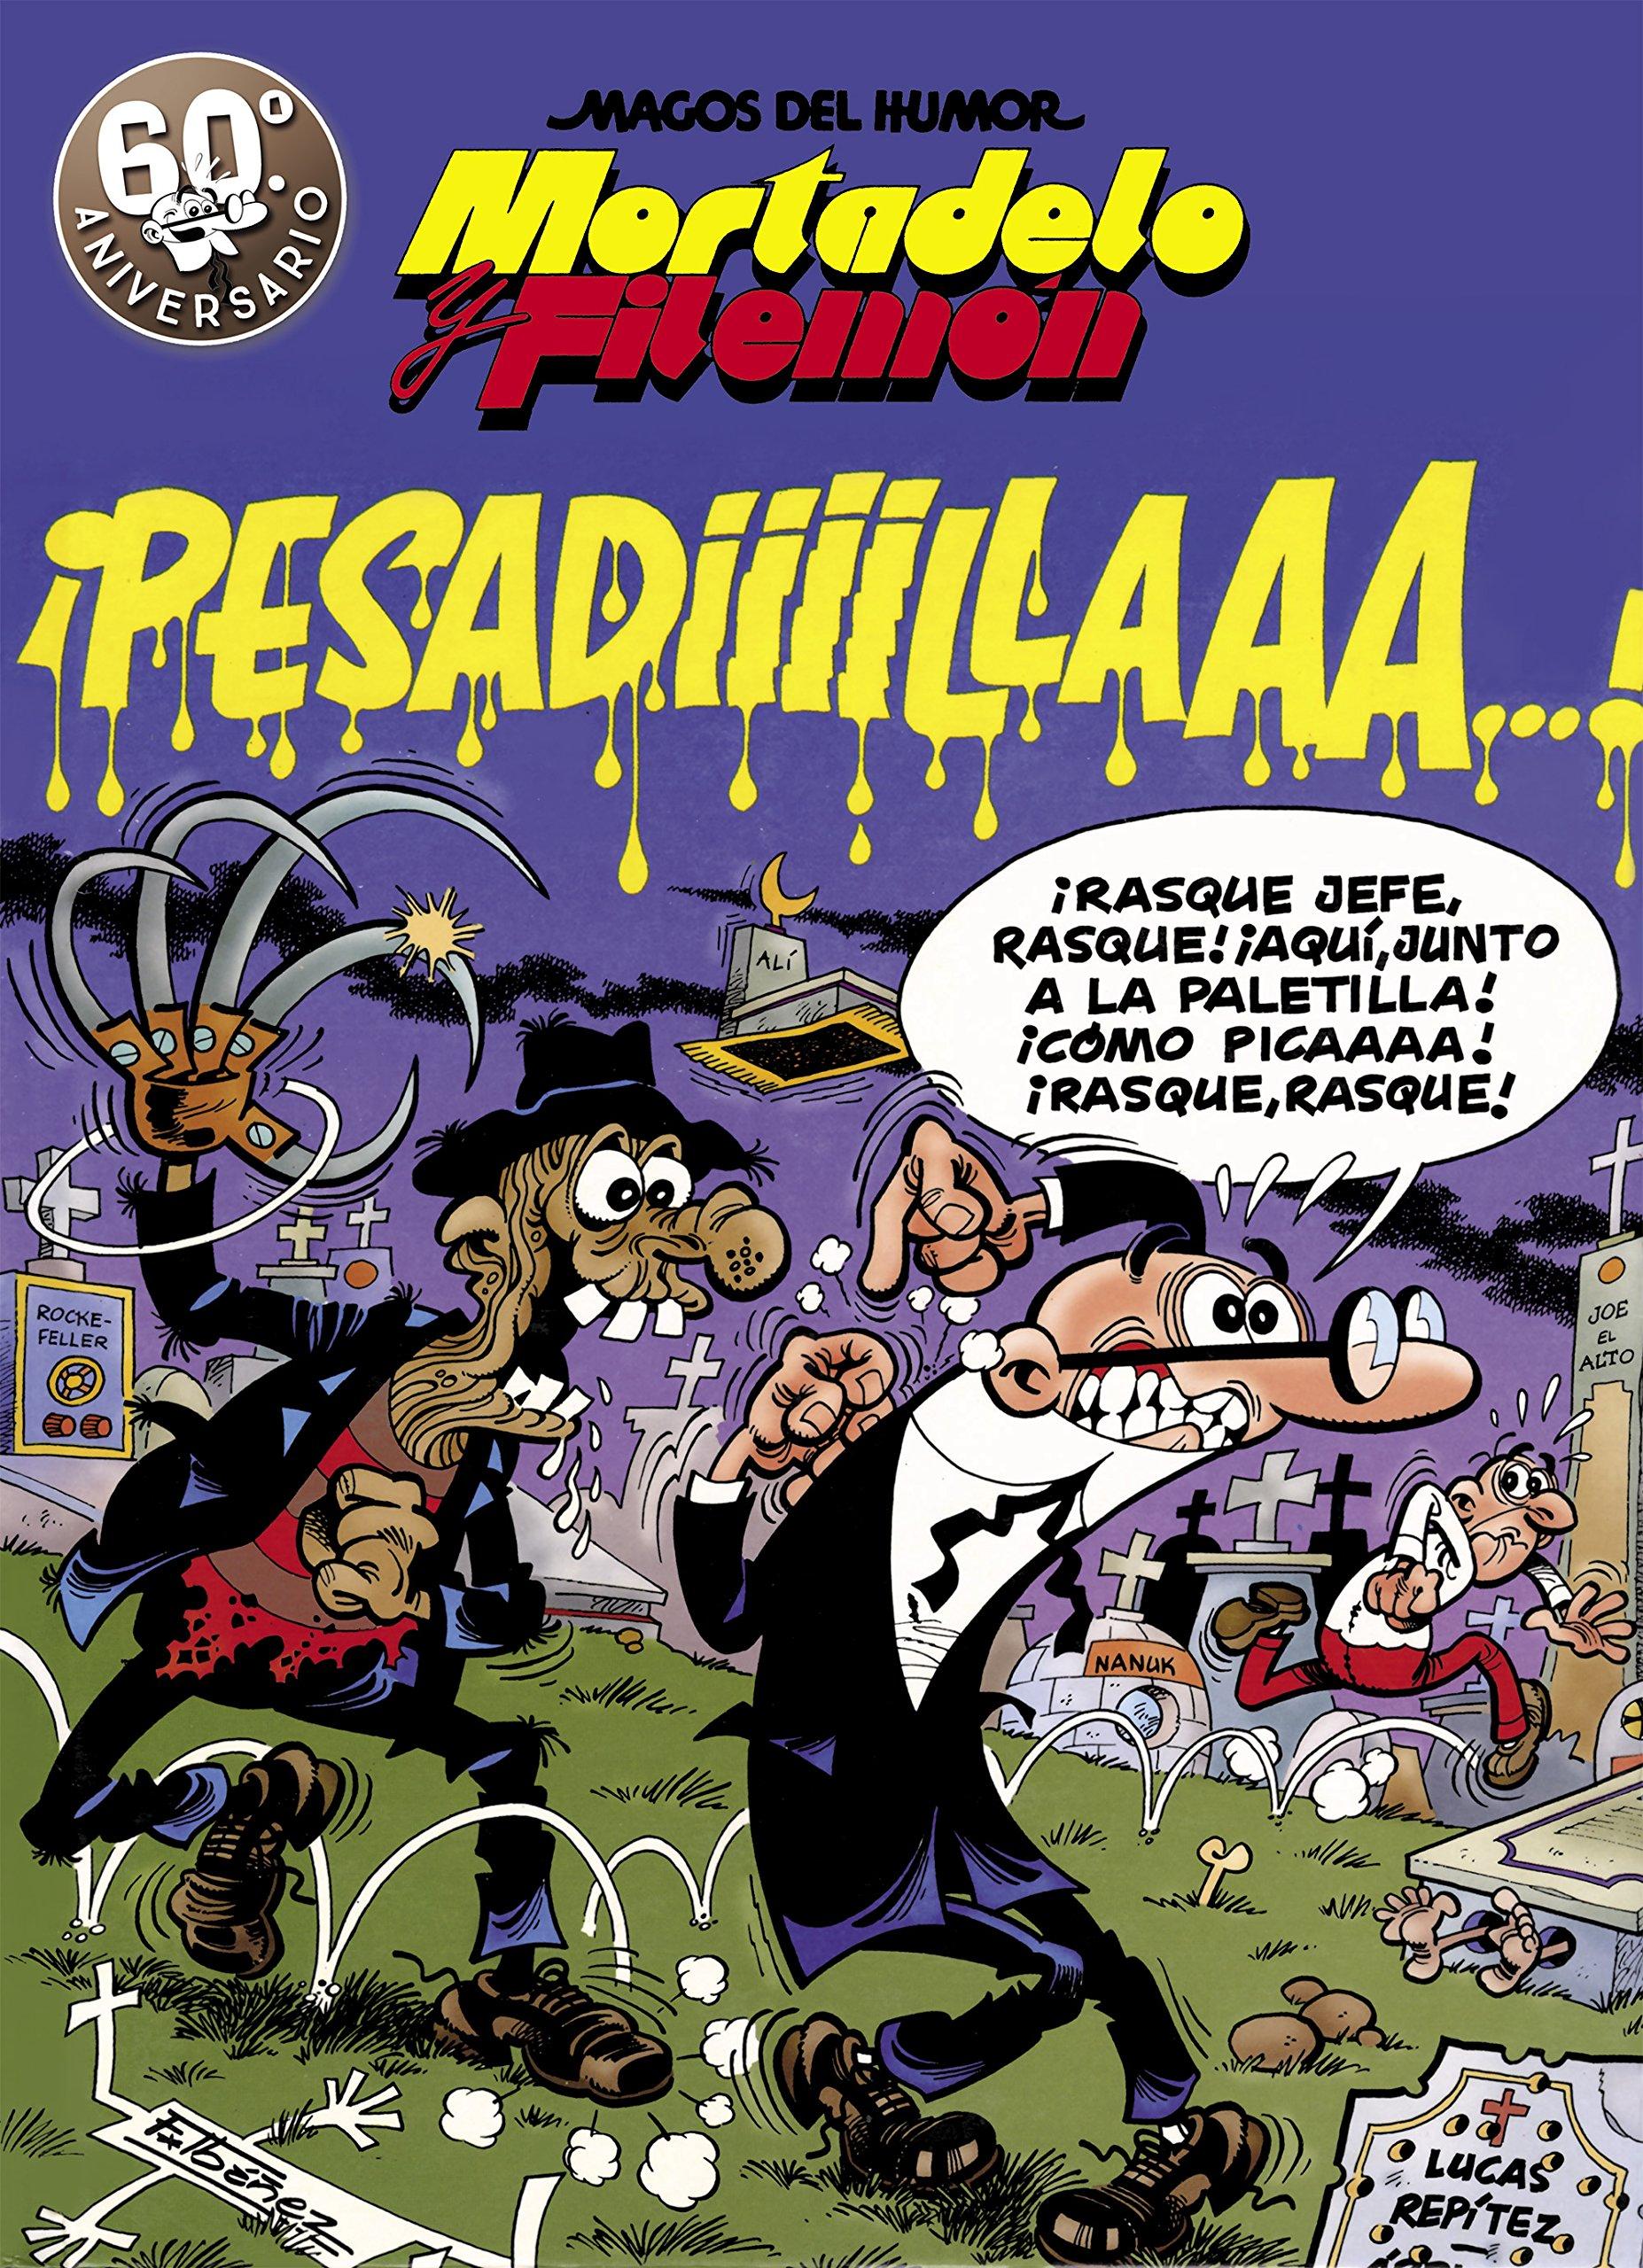 Mortadelo y Filemón. ¡Pesadiiilaaaa! Magos del Humor 58 ...